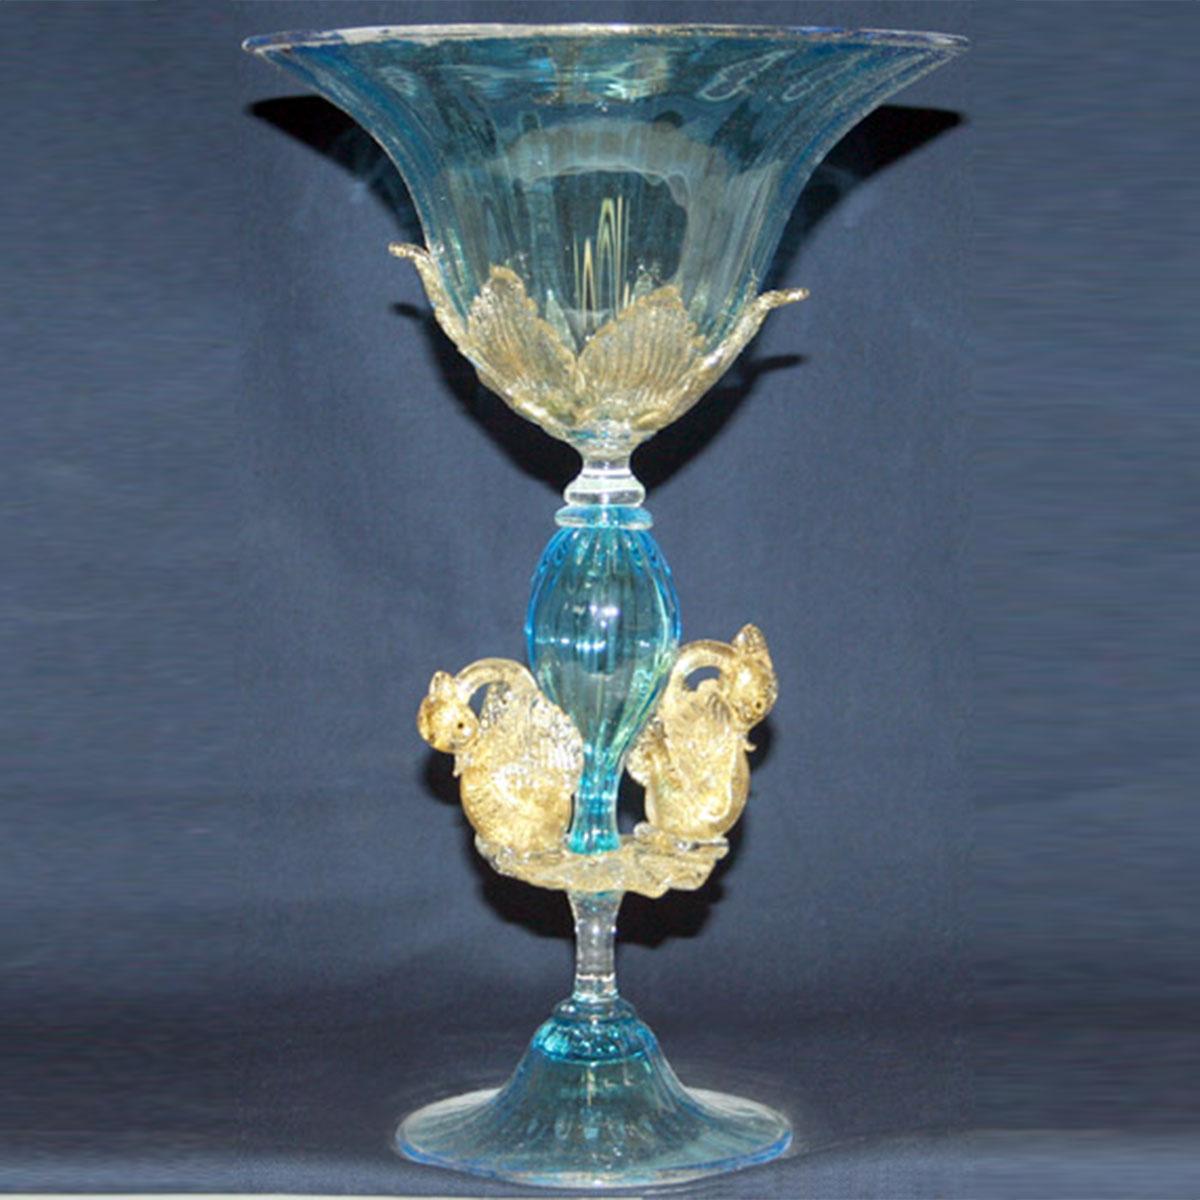 """Souffleur De Verre Ile De Ré """"coppa del re"""" verre en cristal de murano"""